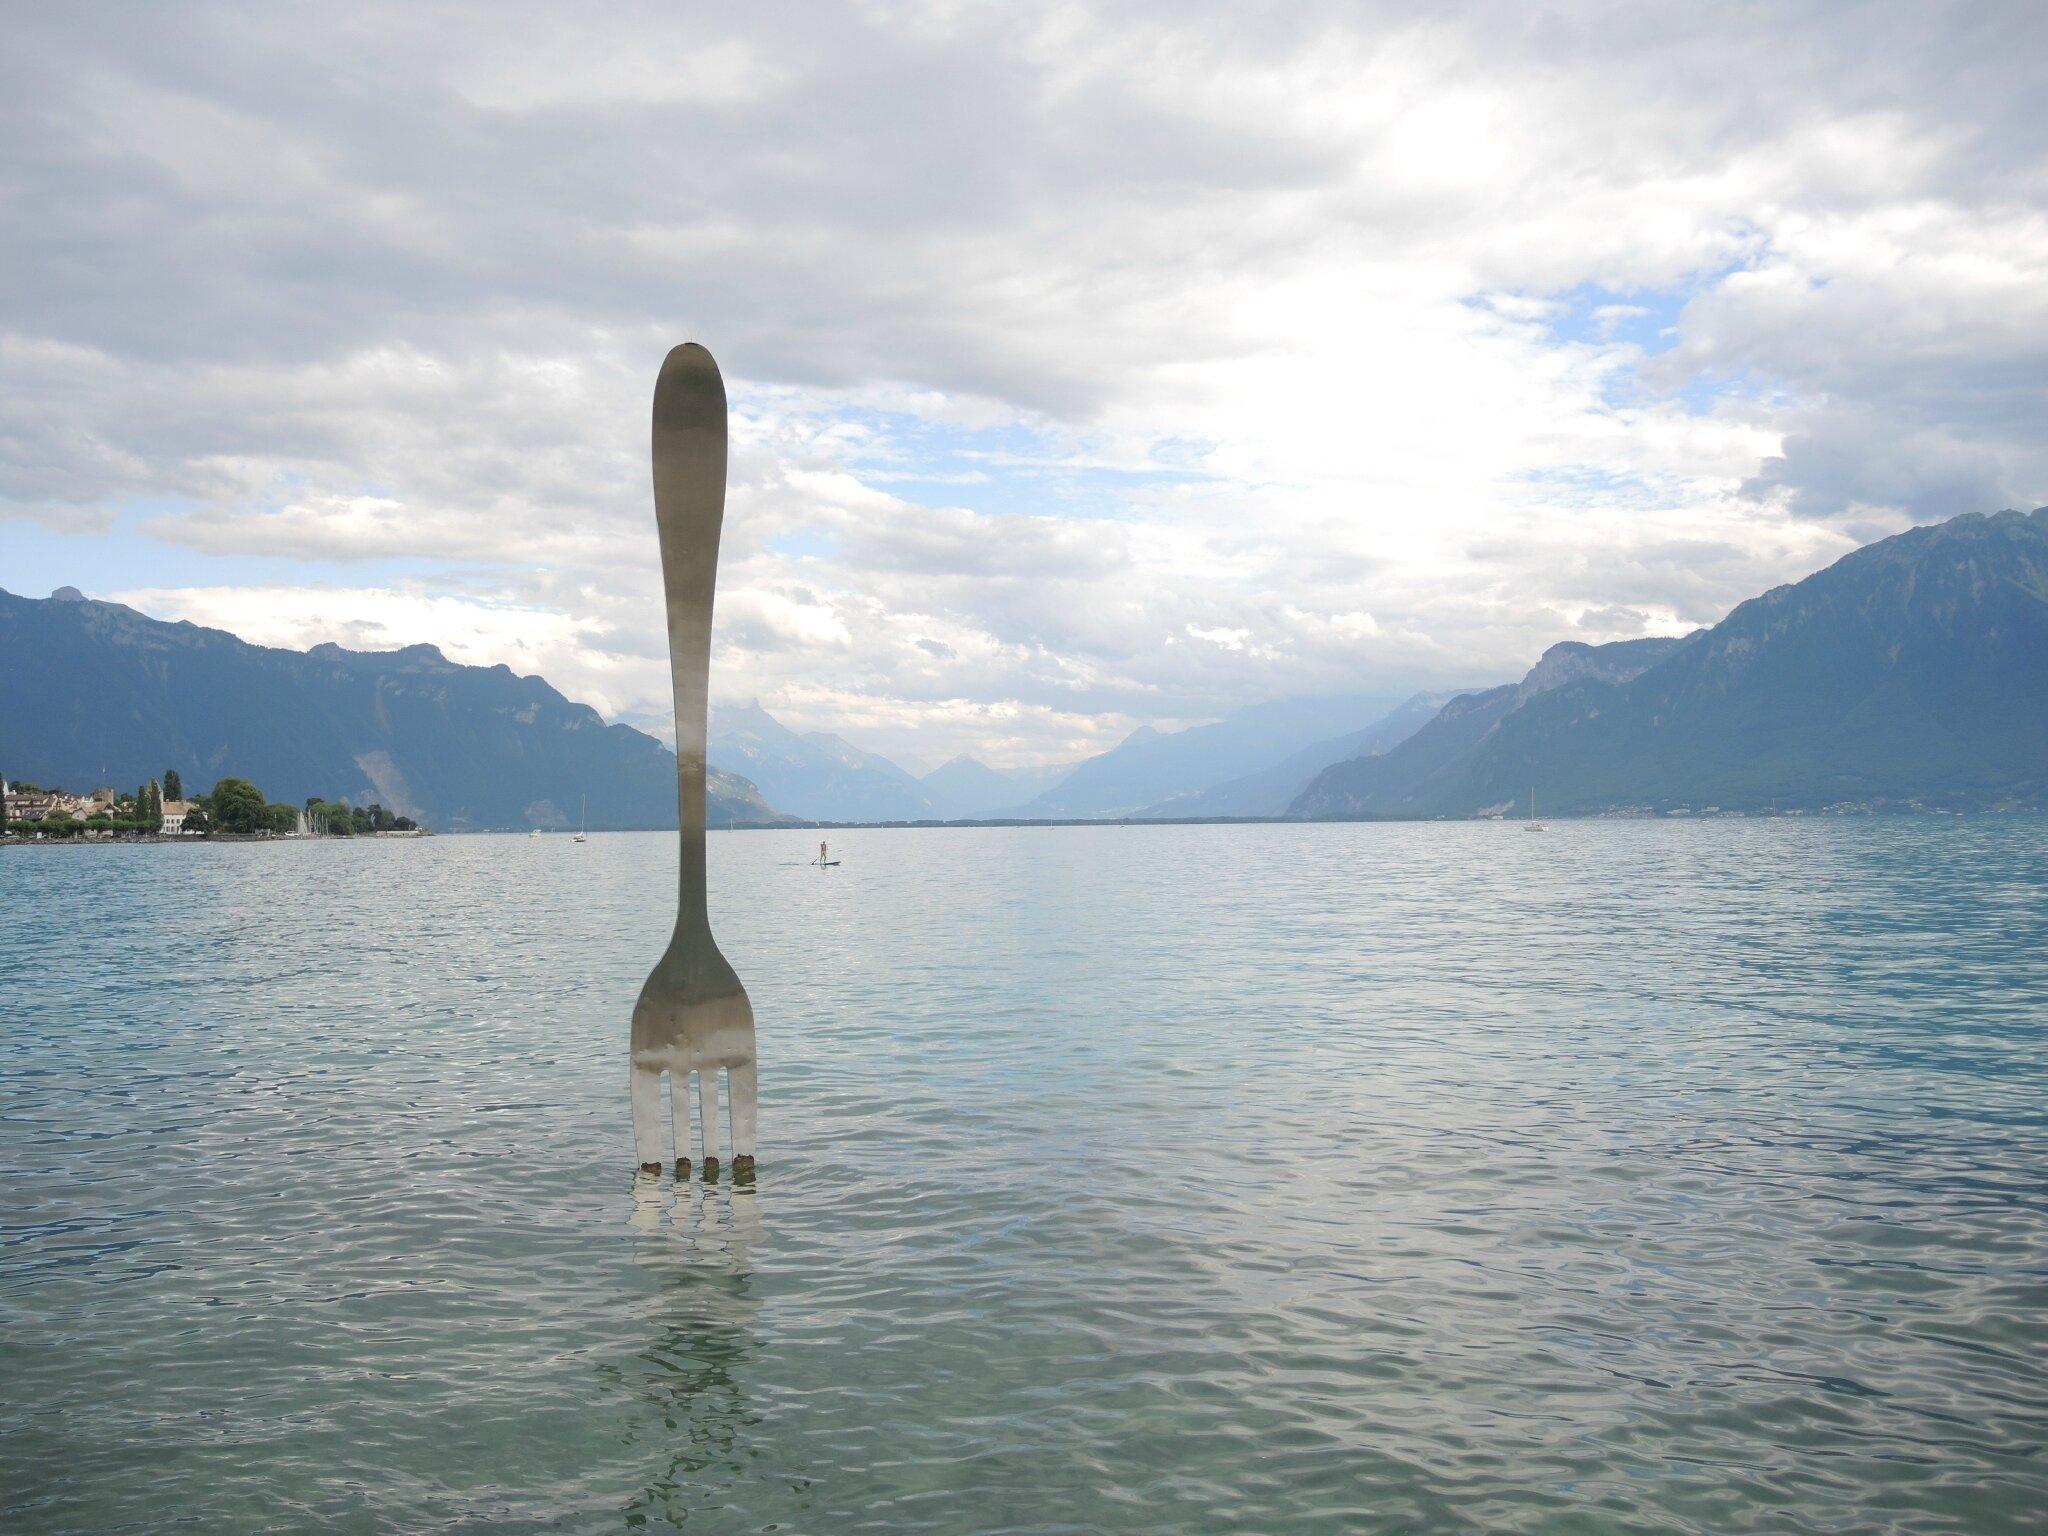 Corsier-sur-Vevey, rives du lac Leman, la fourchette (Suisse)